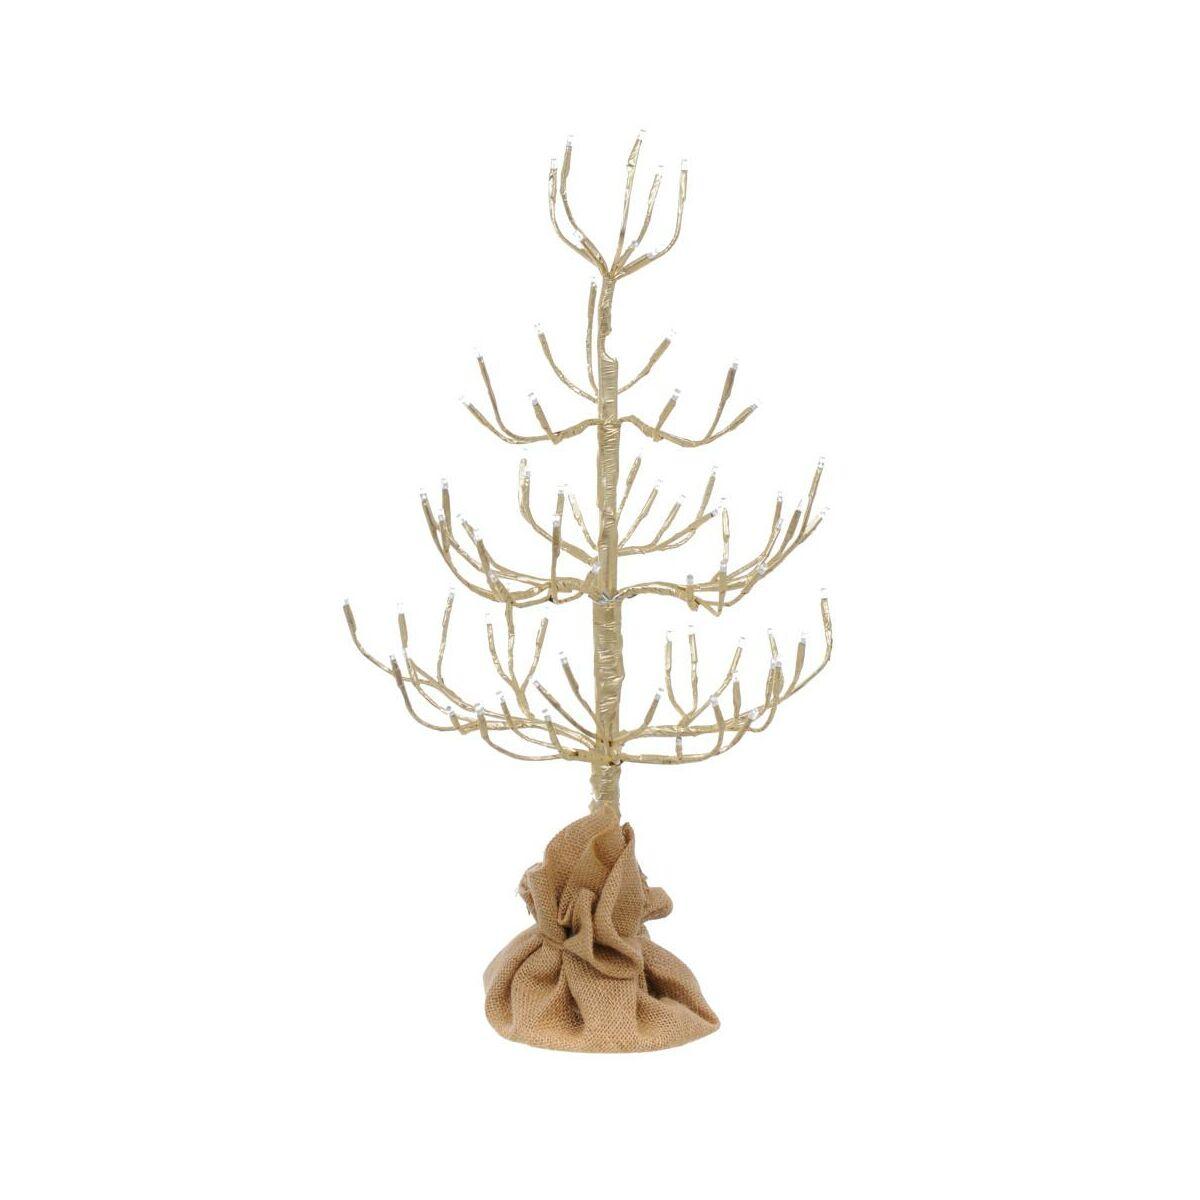 Drzewko Swiecace 60 Cm W Worku Jutowym 72 Led Oswietlenie Swiateczne Zewnetrzne W Atrakcyjnej Cenie W Sklepach Leroy Merlin